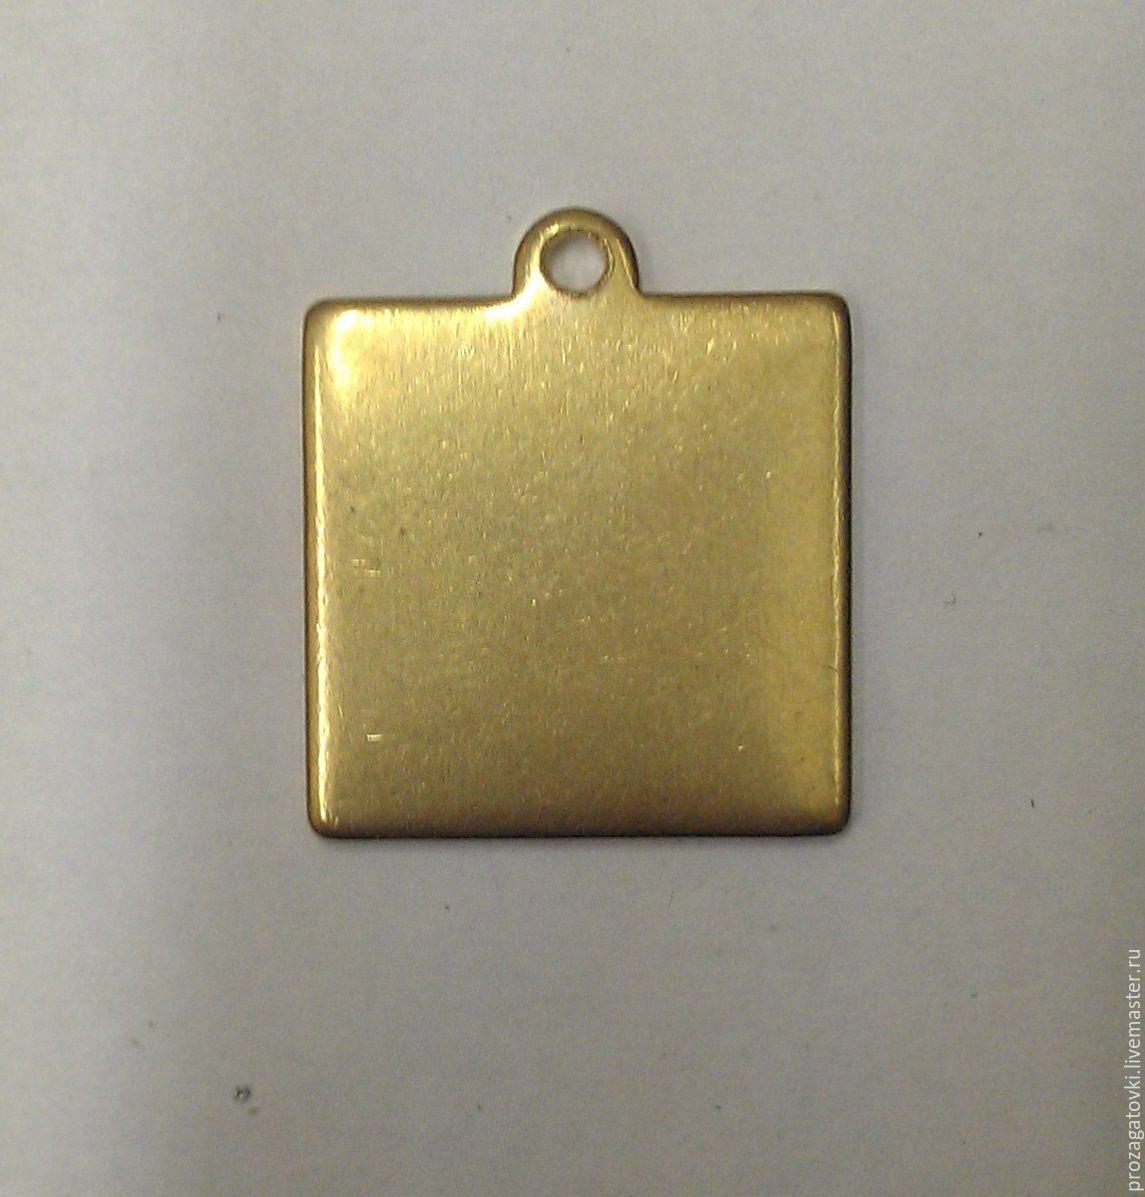 Латунь 25х25х2 мм, кулон заготовка жетон, золотистый, для украшений.